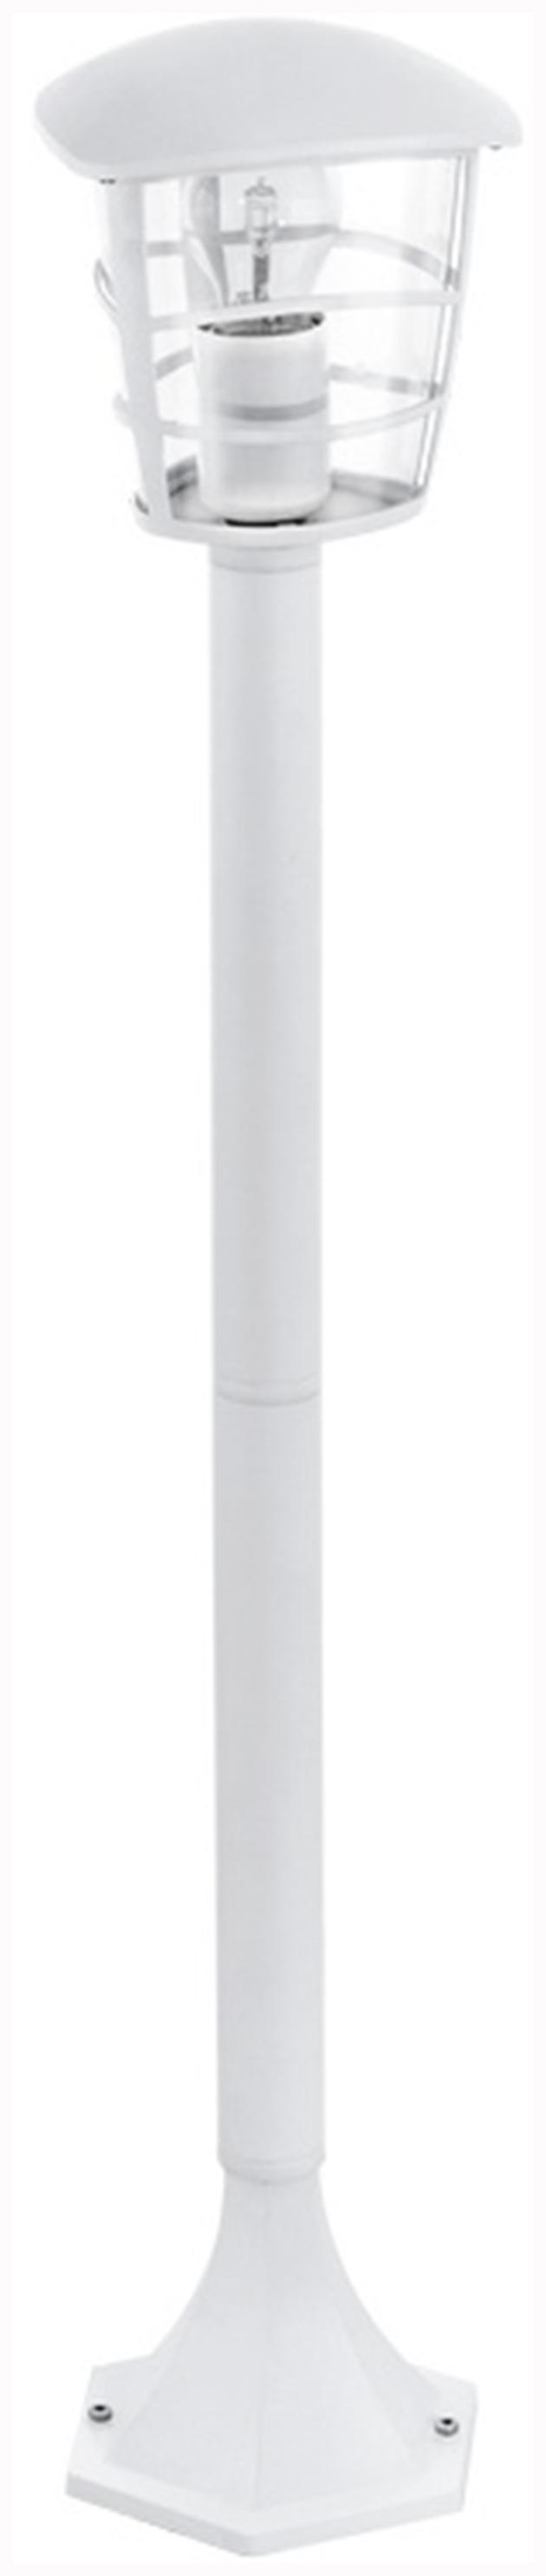 Фонарный столб EGLO 93404 93404 по цене 3 590